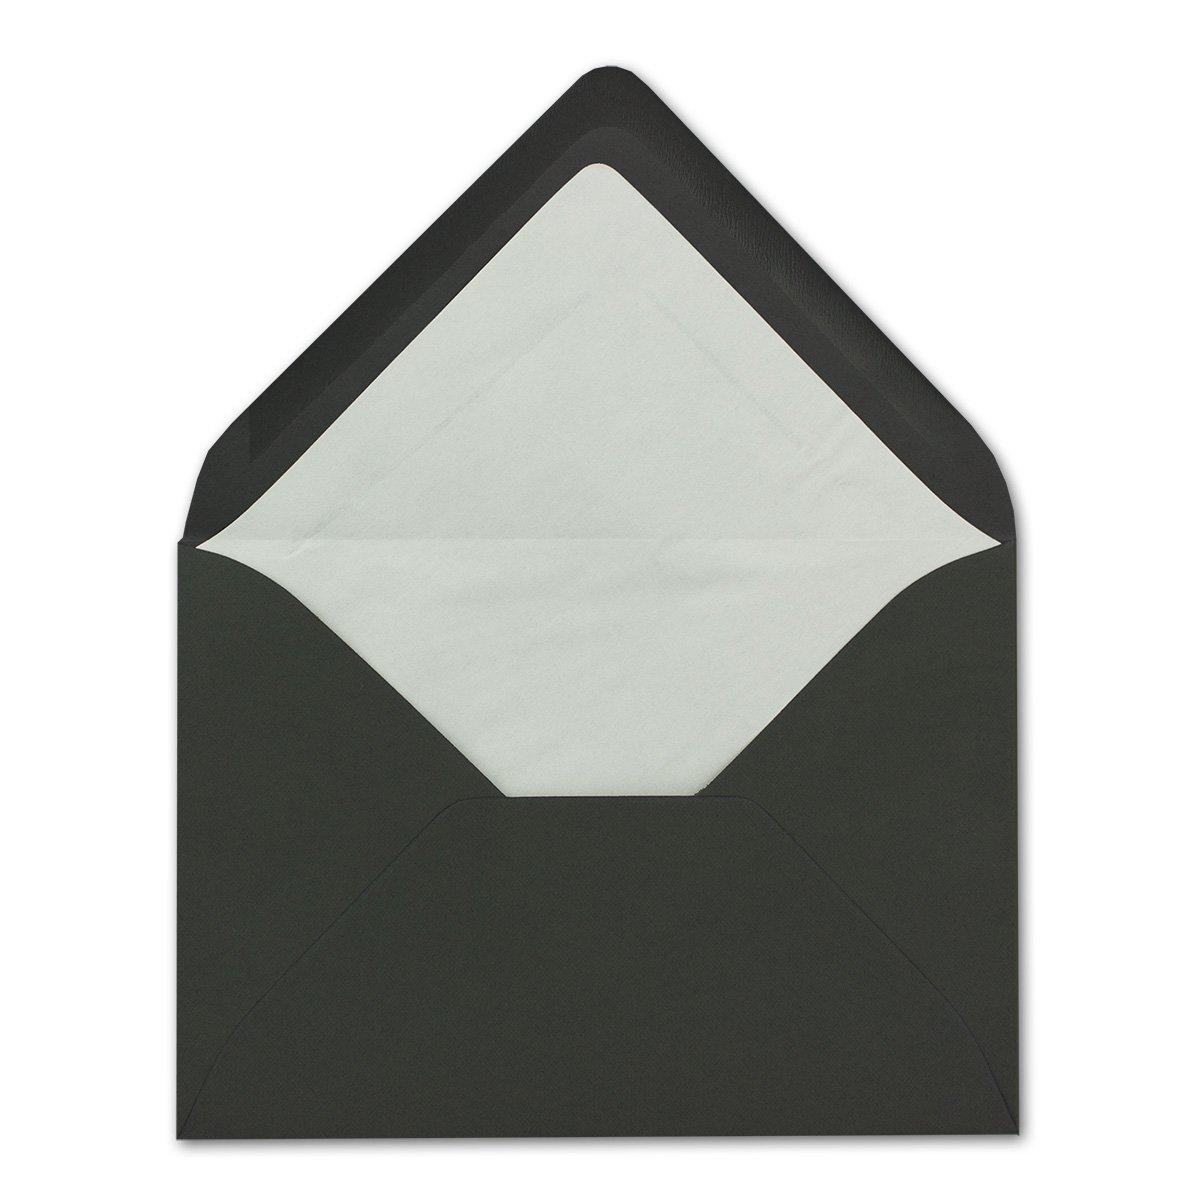 formato B6 con rivestimento interno bianco 50 Umschl/äge blu notte buste Neuser di dimensioni: 17,6/x 12,5/cm serie: FarbenFroh giunzione da inumidire; colorate